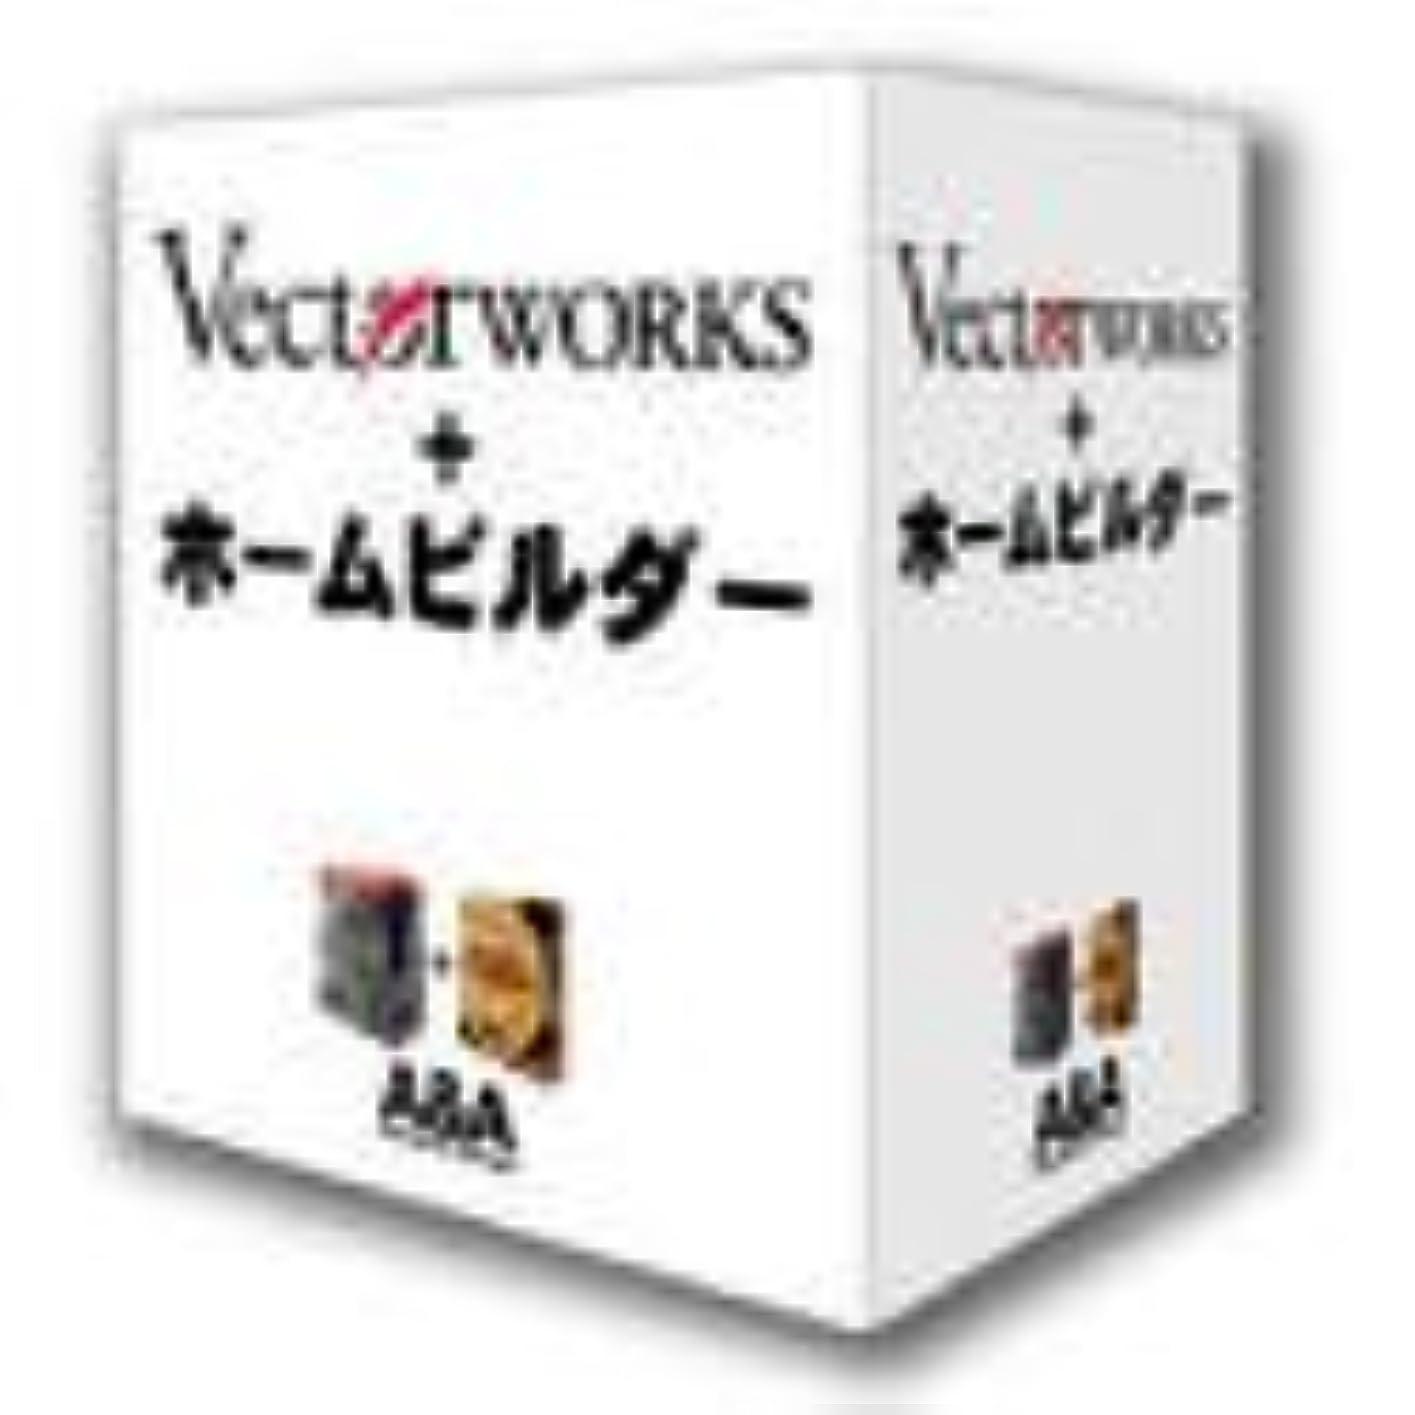 またアスペクト隔離するVectorWorks + ホームビルダーバンドルパッケージ 10.5 Windows版